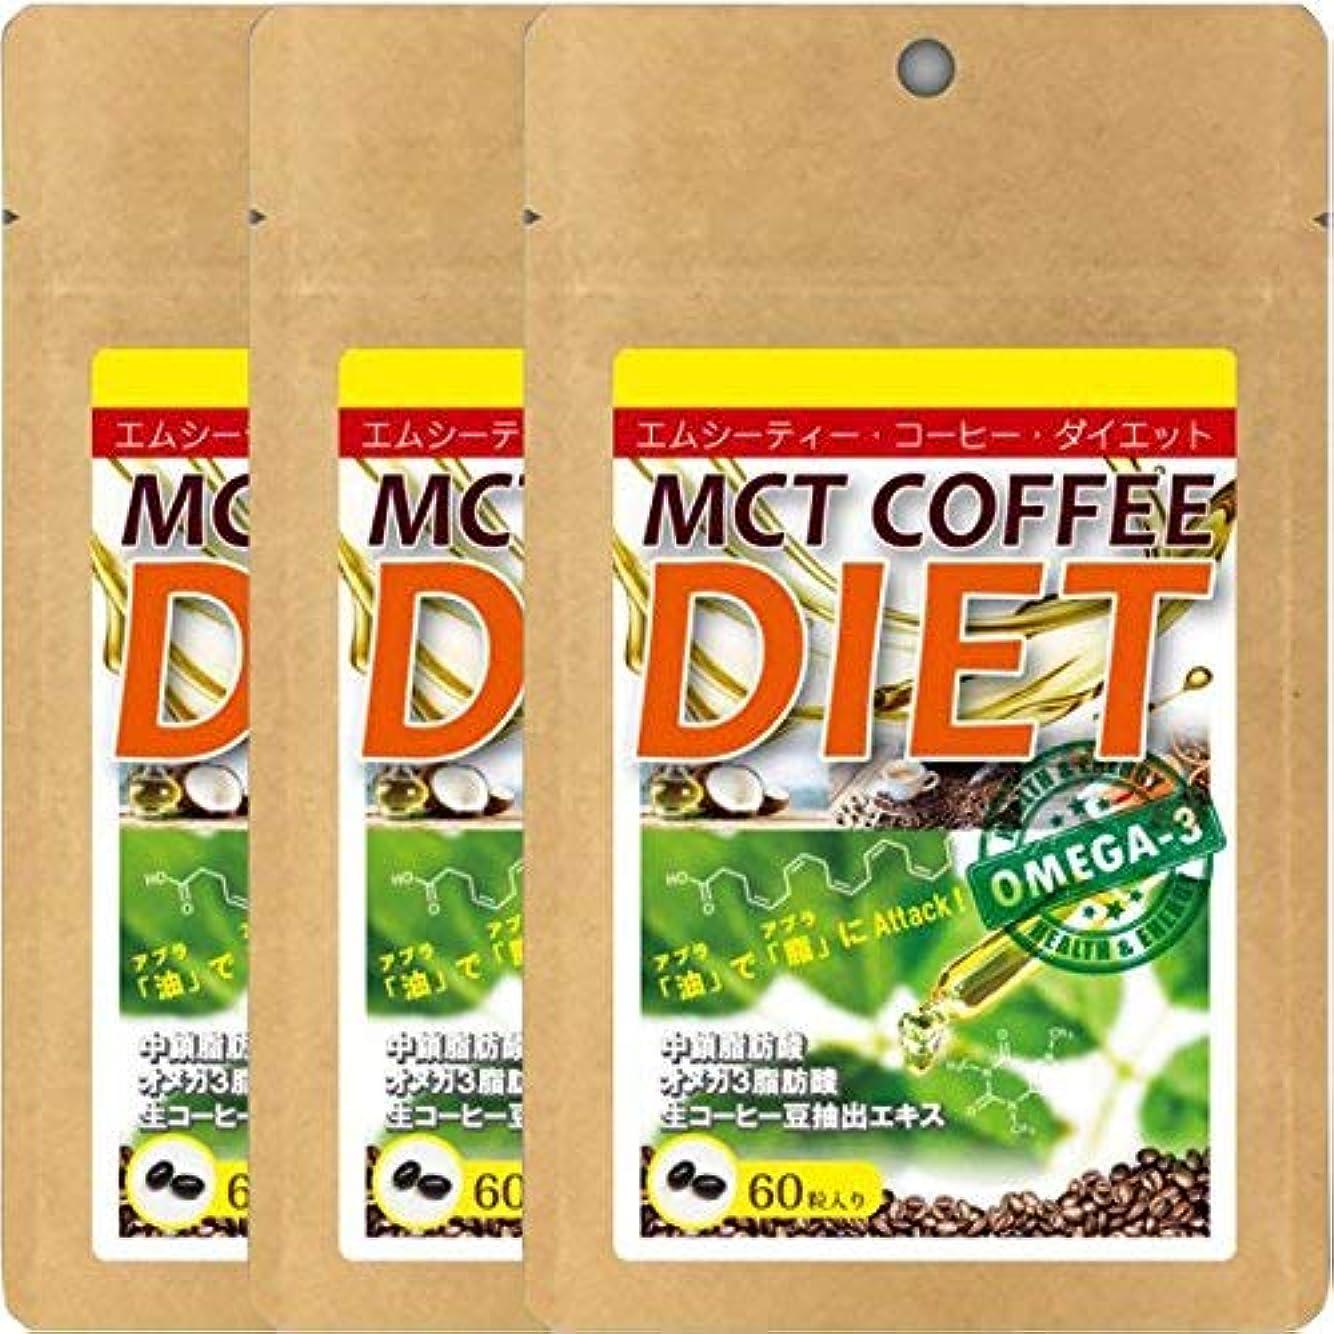 大量内なるタイトル【MCTオイル】MCTコーヒーダイエット 3個セット 【10% OFF !! 】 60カプセル入り